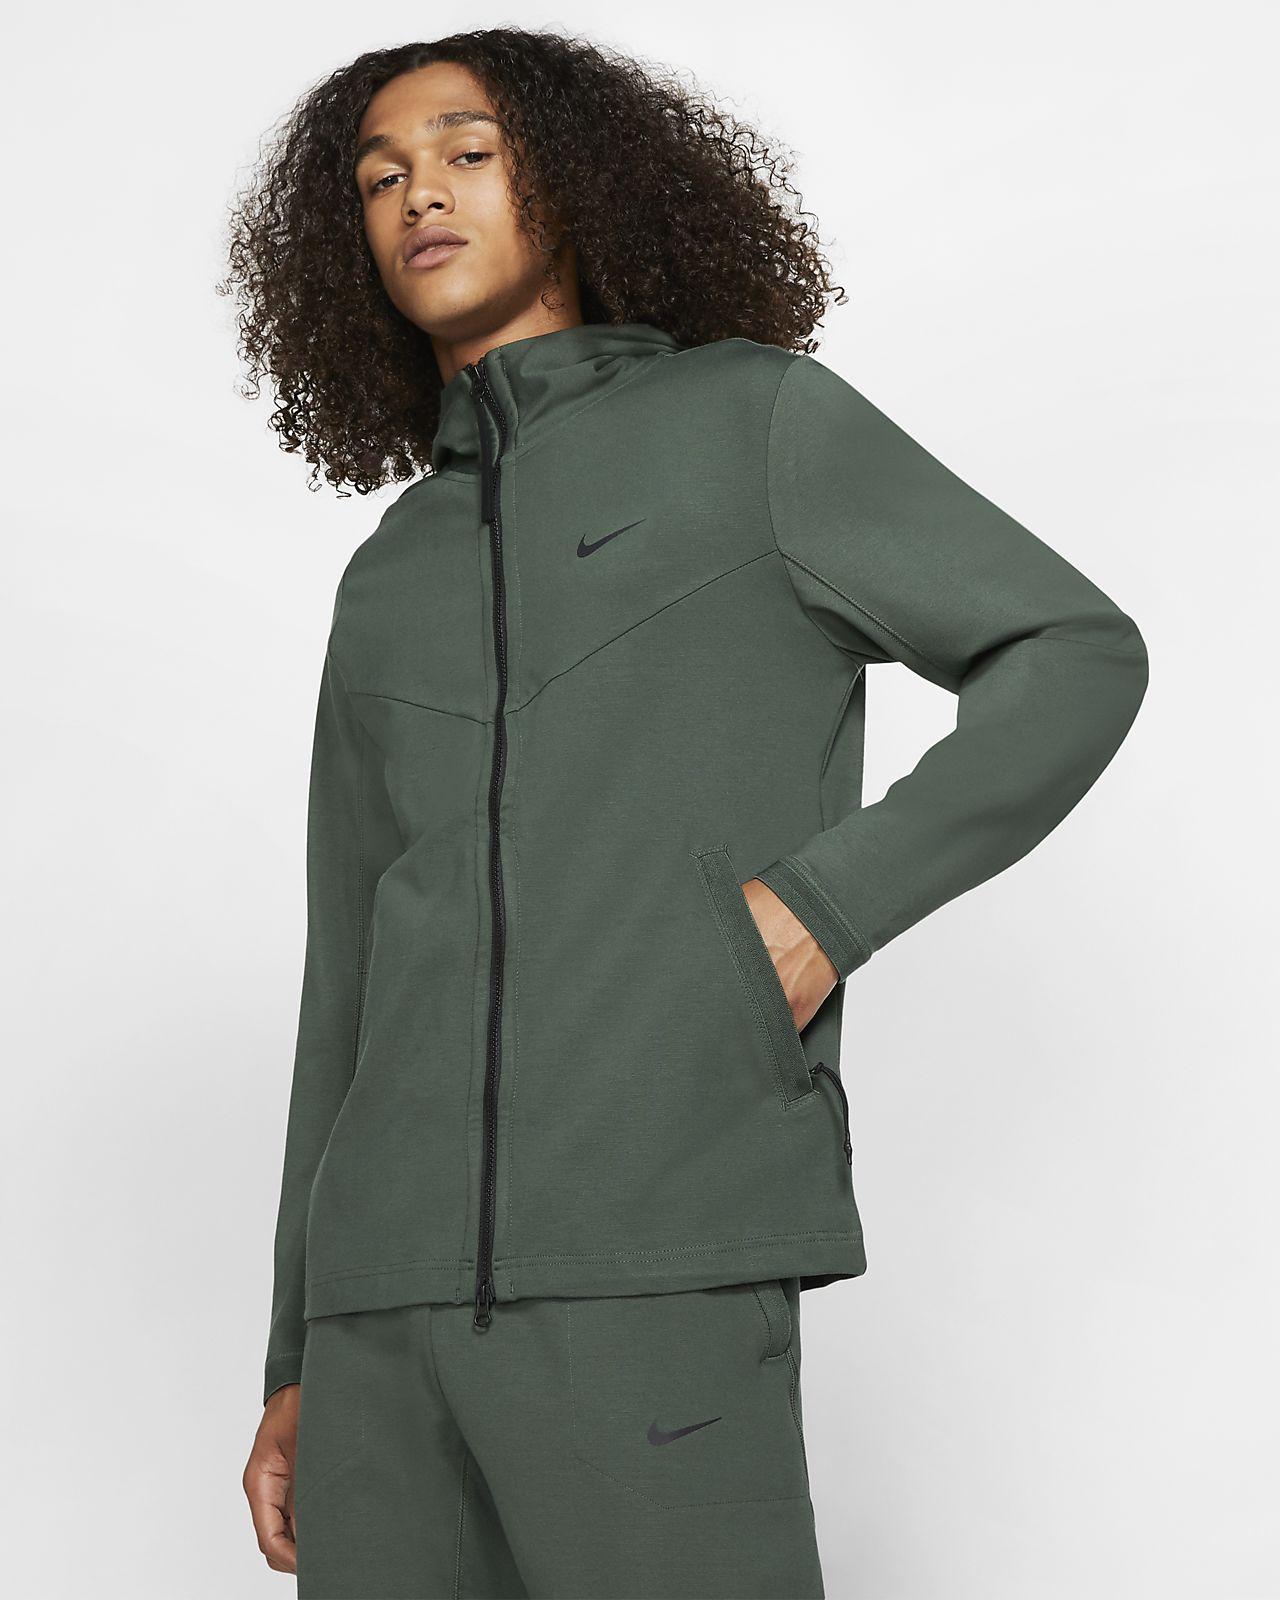 Tech und Kapuze Nike Herrenjacke mit durchgehendem Sportswear Pack Reißverschluss sdhCQtrx